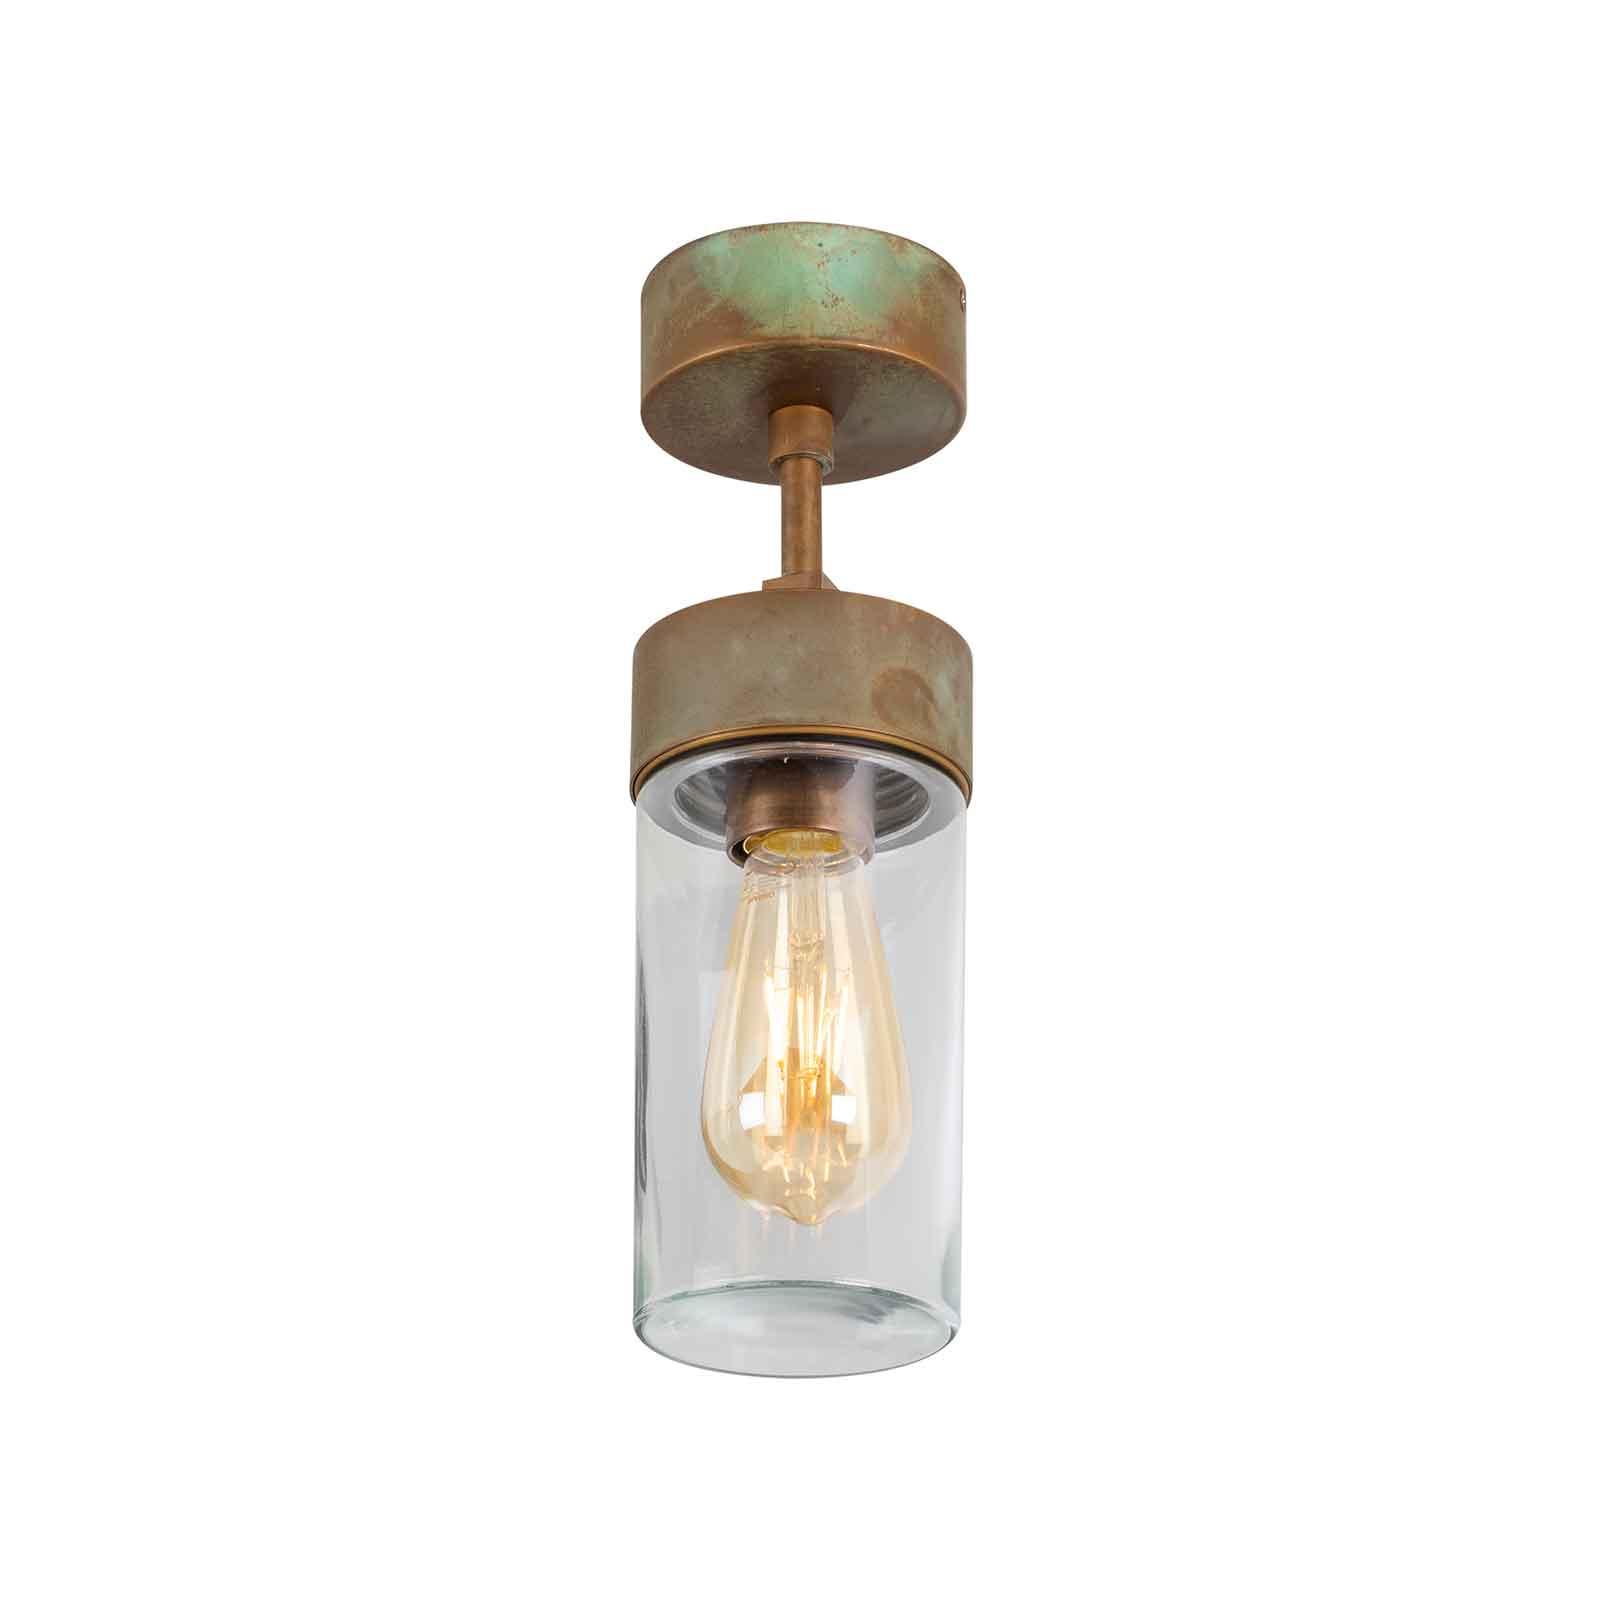 Lampa sufitowa Silindar 3357 antyk przezroczysta